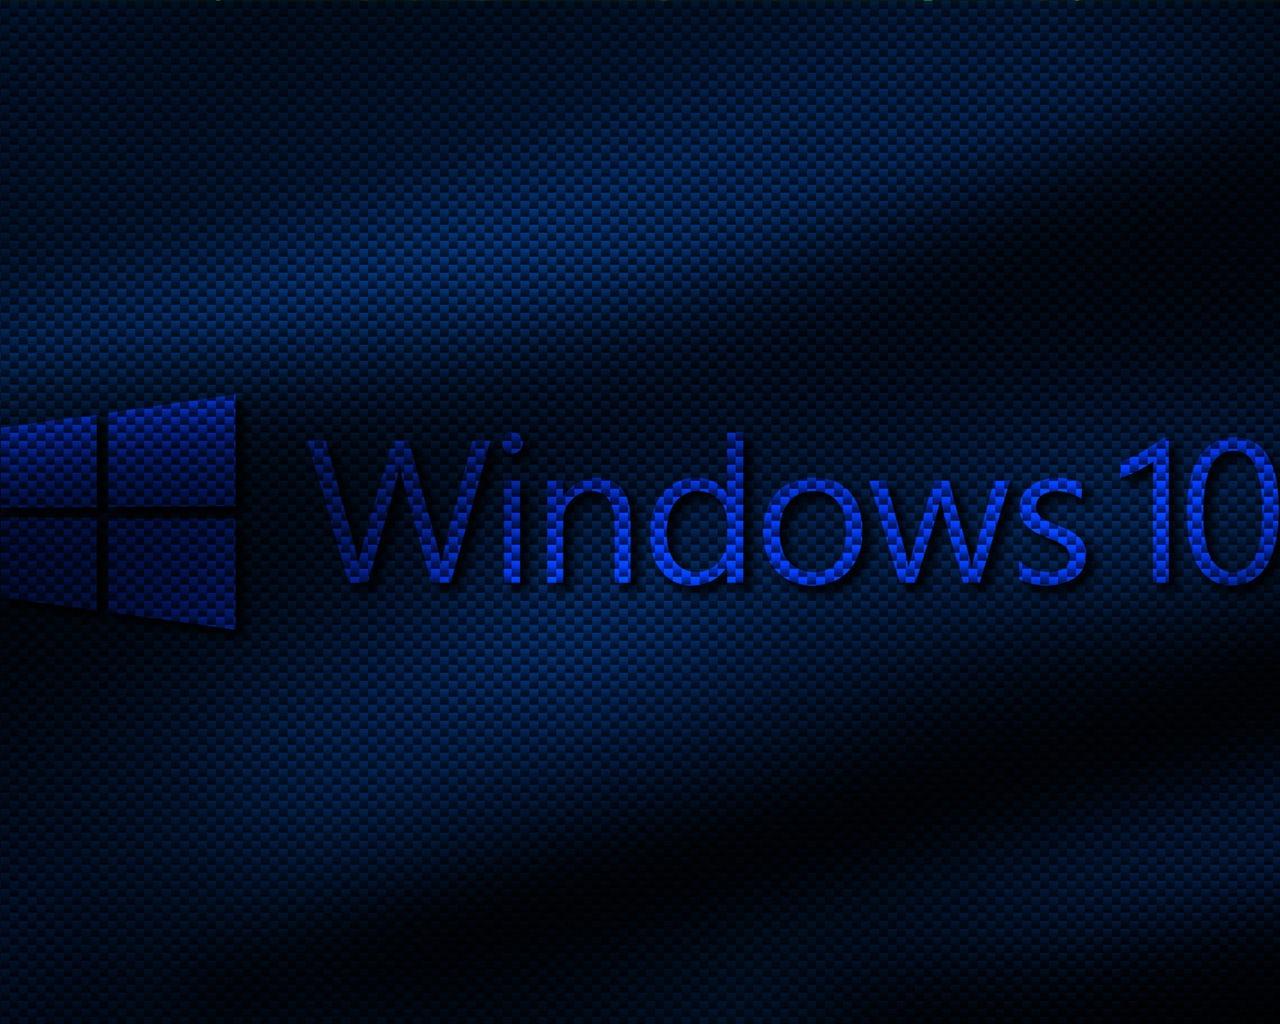 Windows 10 HD Theme Desktop Wallpaper 17 Preview | 10wallpaper com